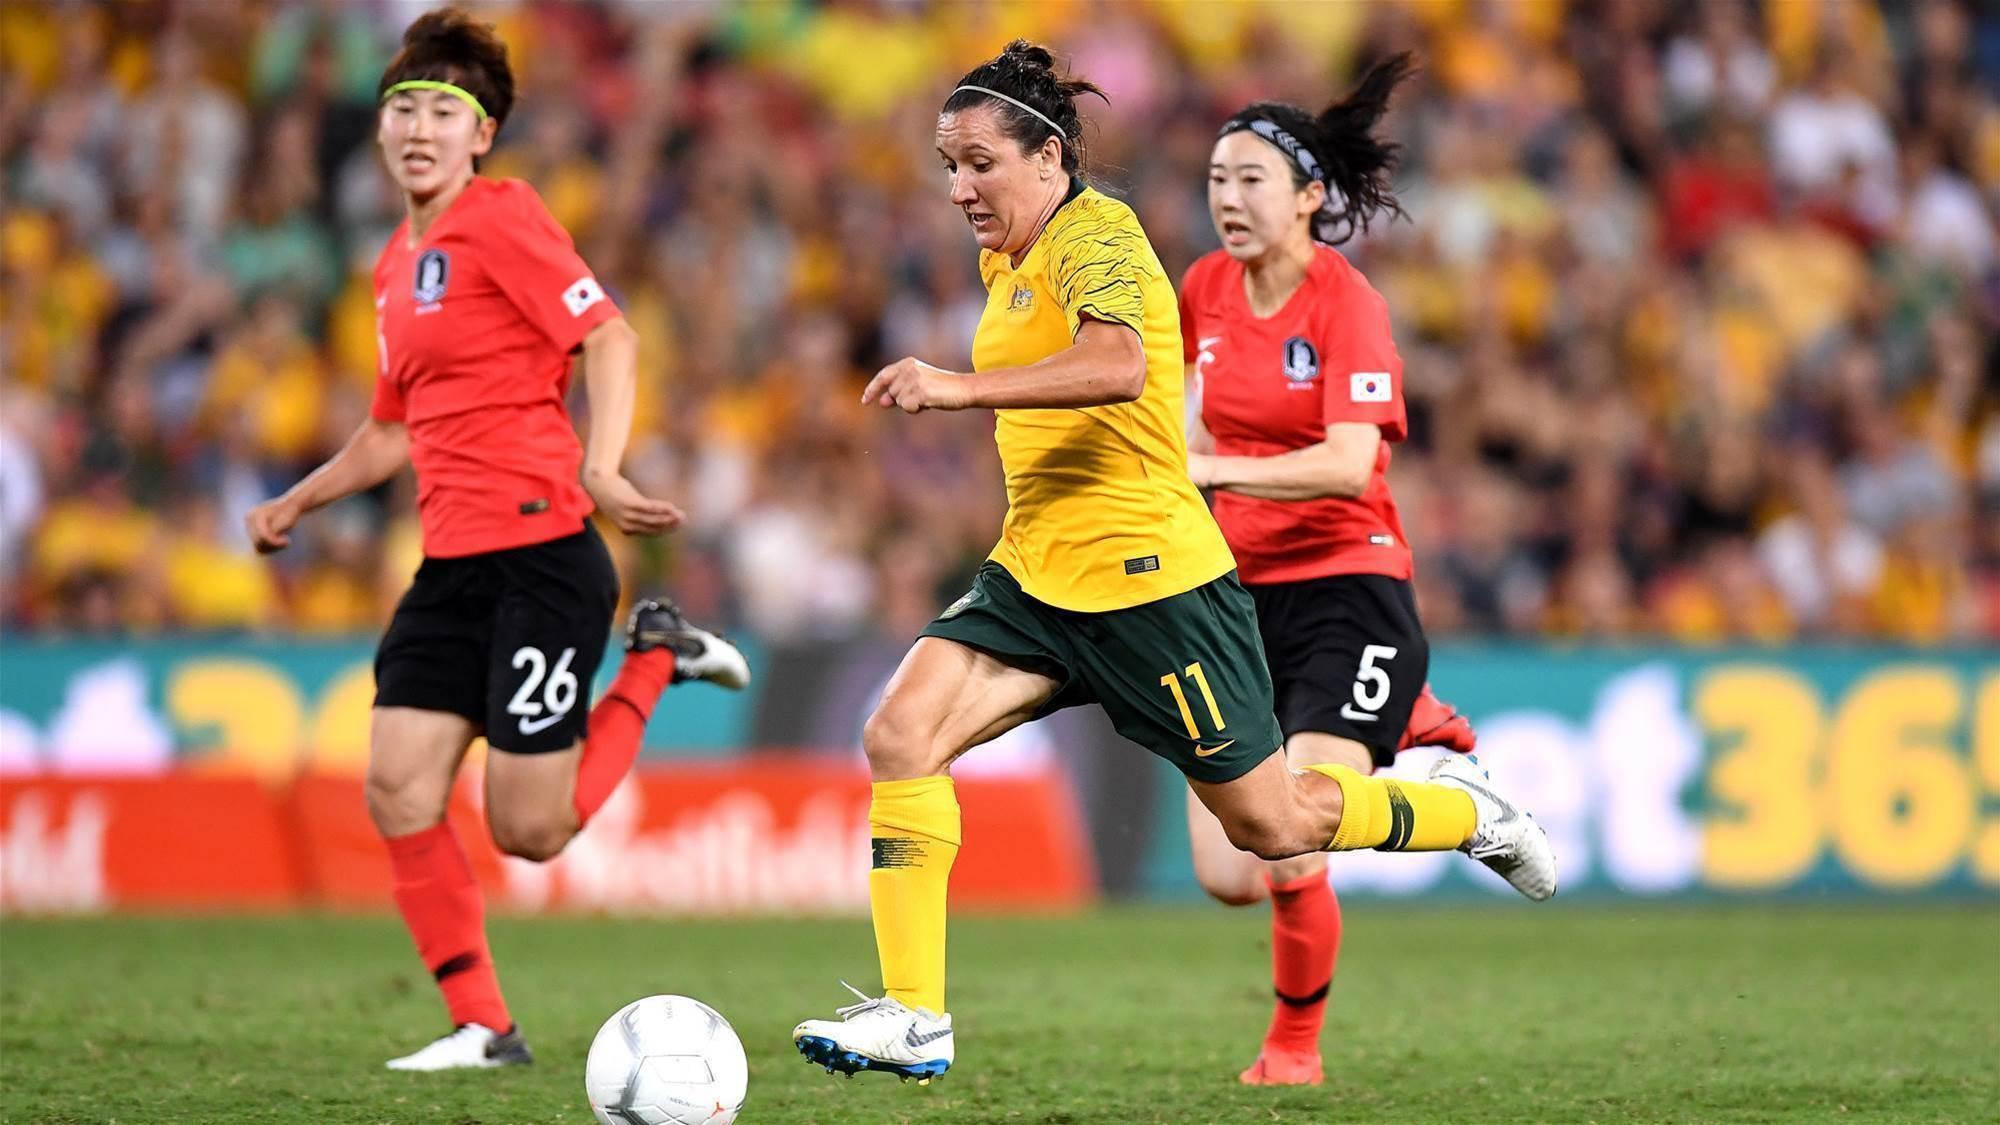 Matildas v South Korea: Three thing we learnt